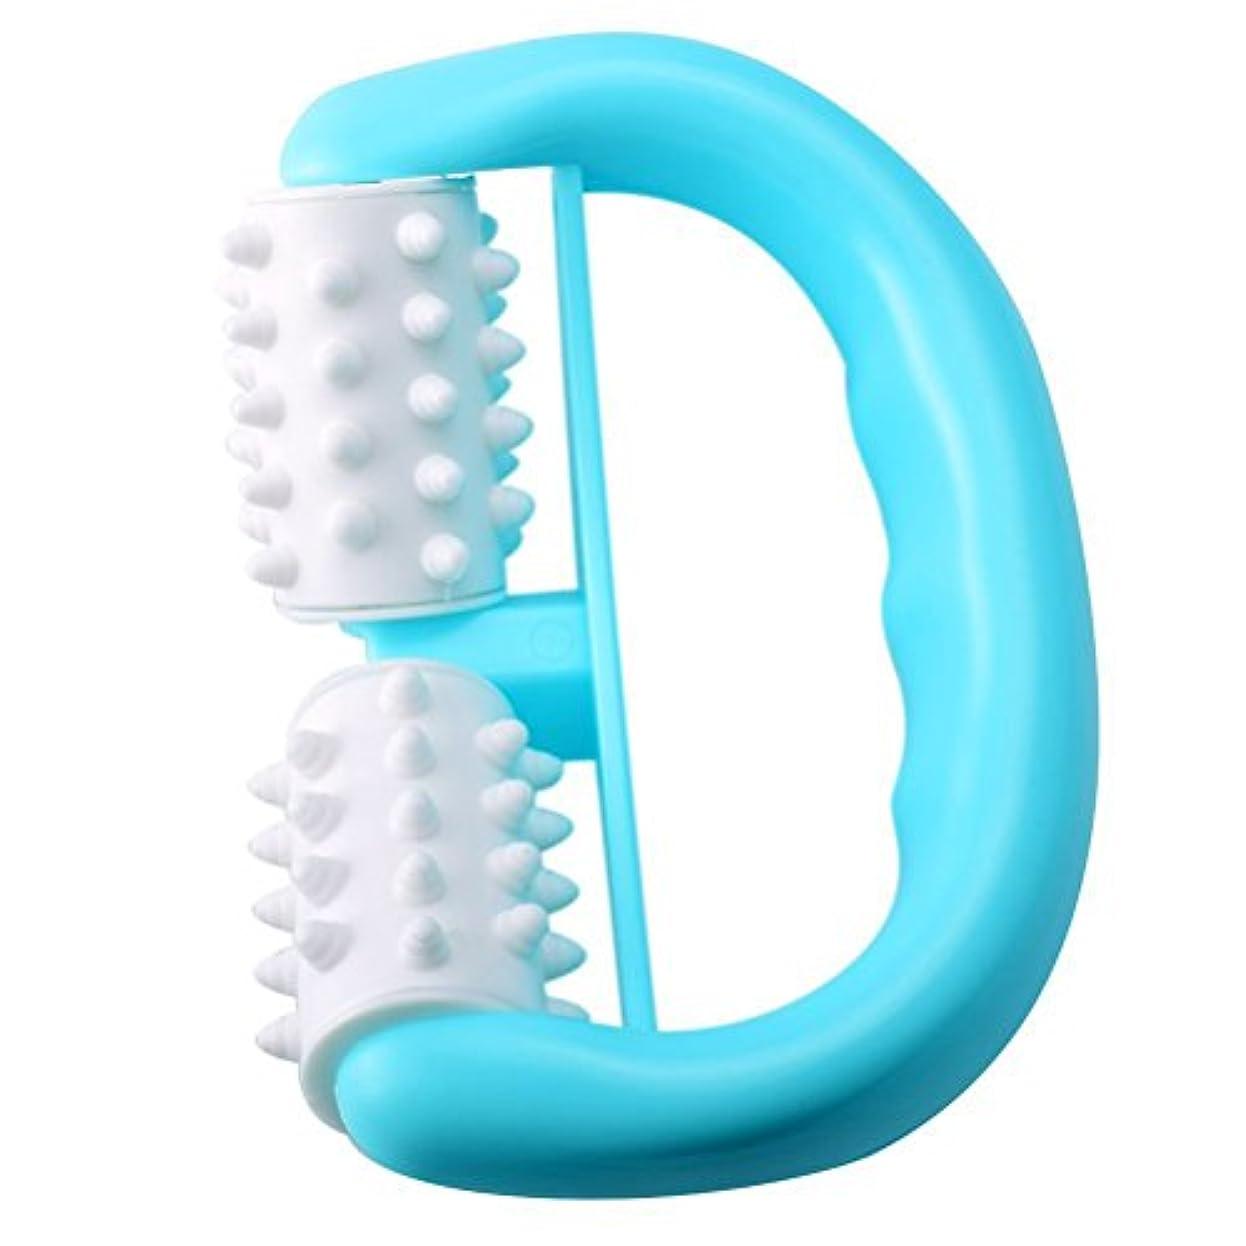 無法者囲まれた厳密にROSENICE セルライトマッサージャー深部組織筋筋肉解放ツールボディセラピーマッサージファットブラスター(青)